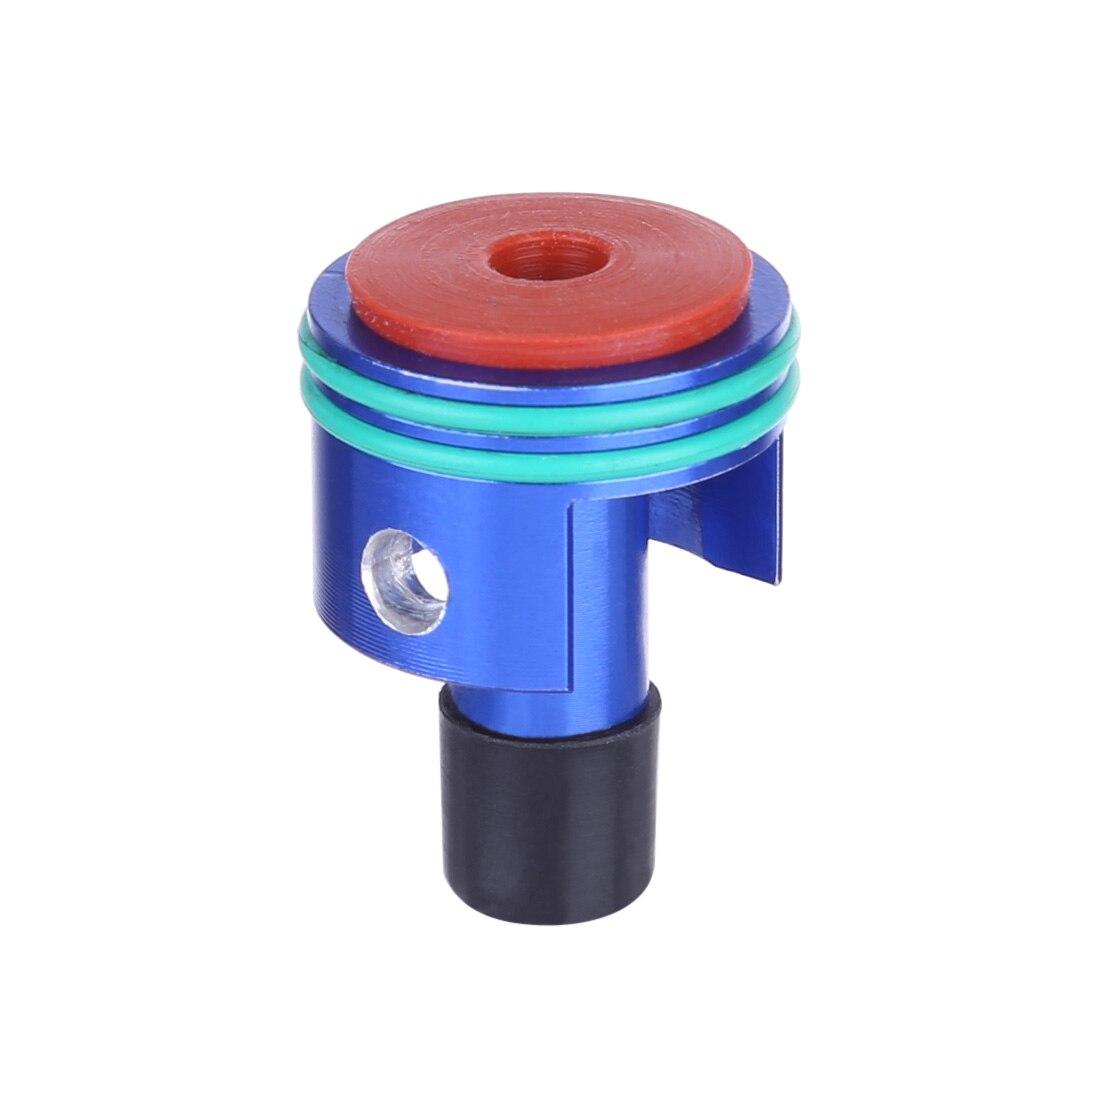 Cilindro de aire de reducción de ruido de amortiguador de Metal con boquilla de sellado de aire para LH AUG agua Gel Beads Blaster Espray de agua a alta presión de 140 Bar tierra Blaster Lance Turbo boquilla para Karcher K1 K2 K3 K4 K5 K6 K7 de alta presión de lavado